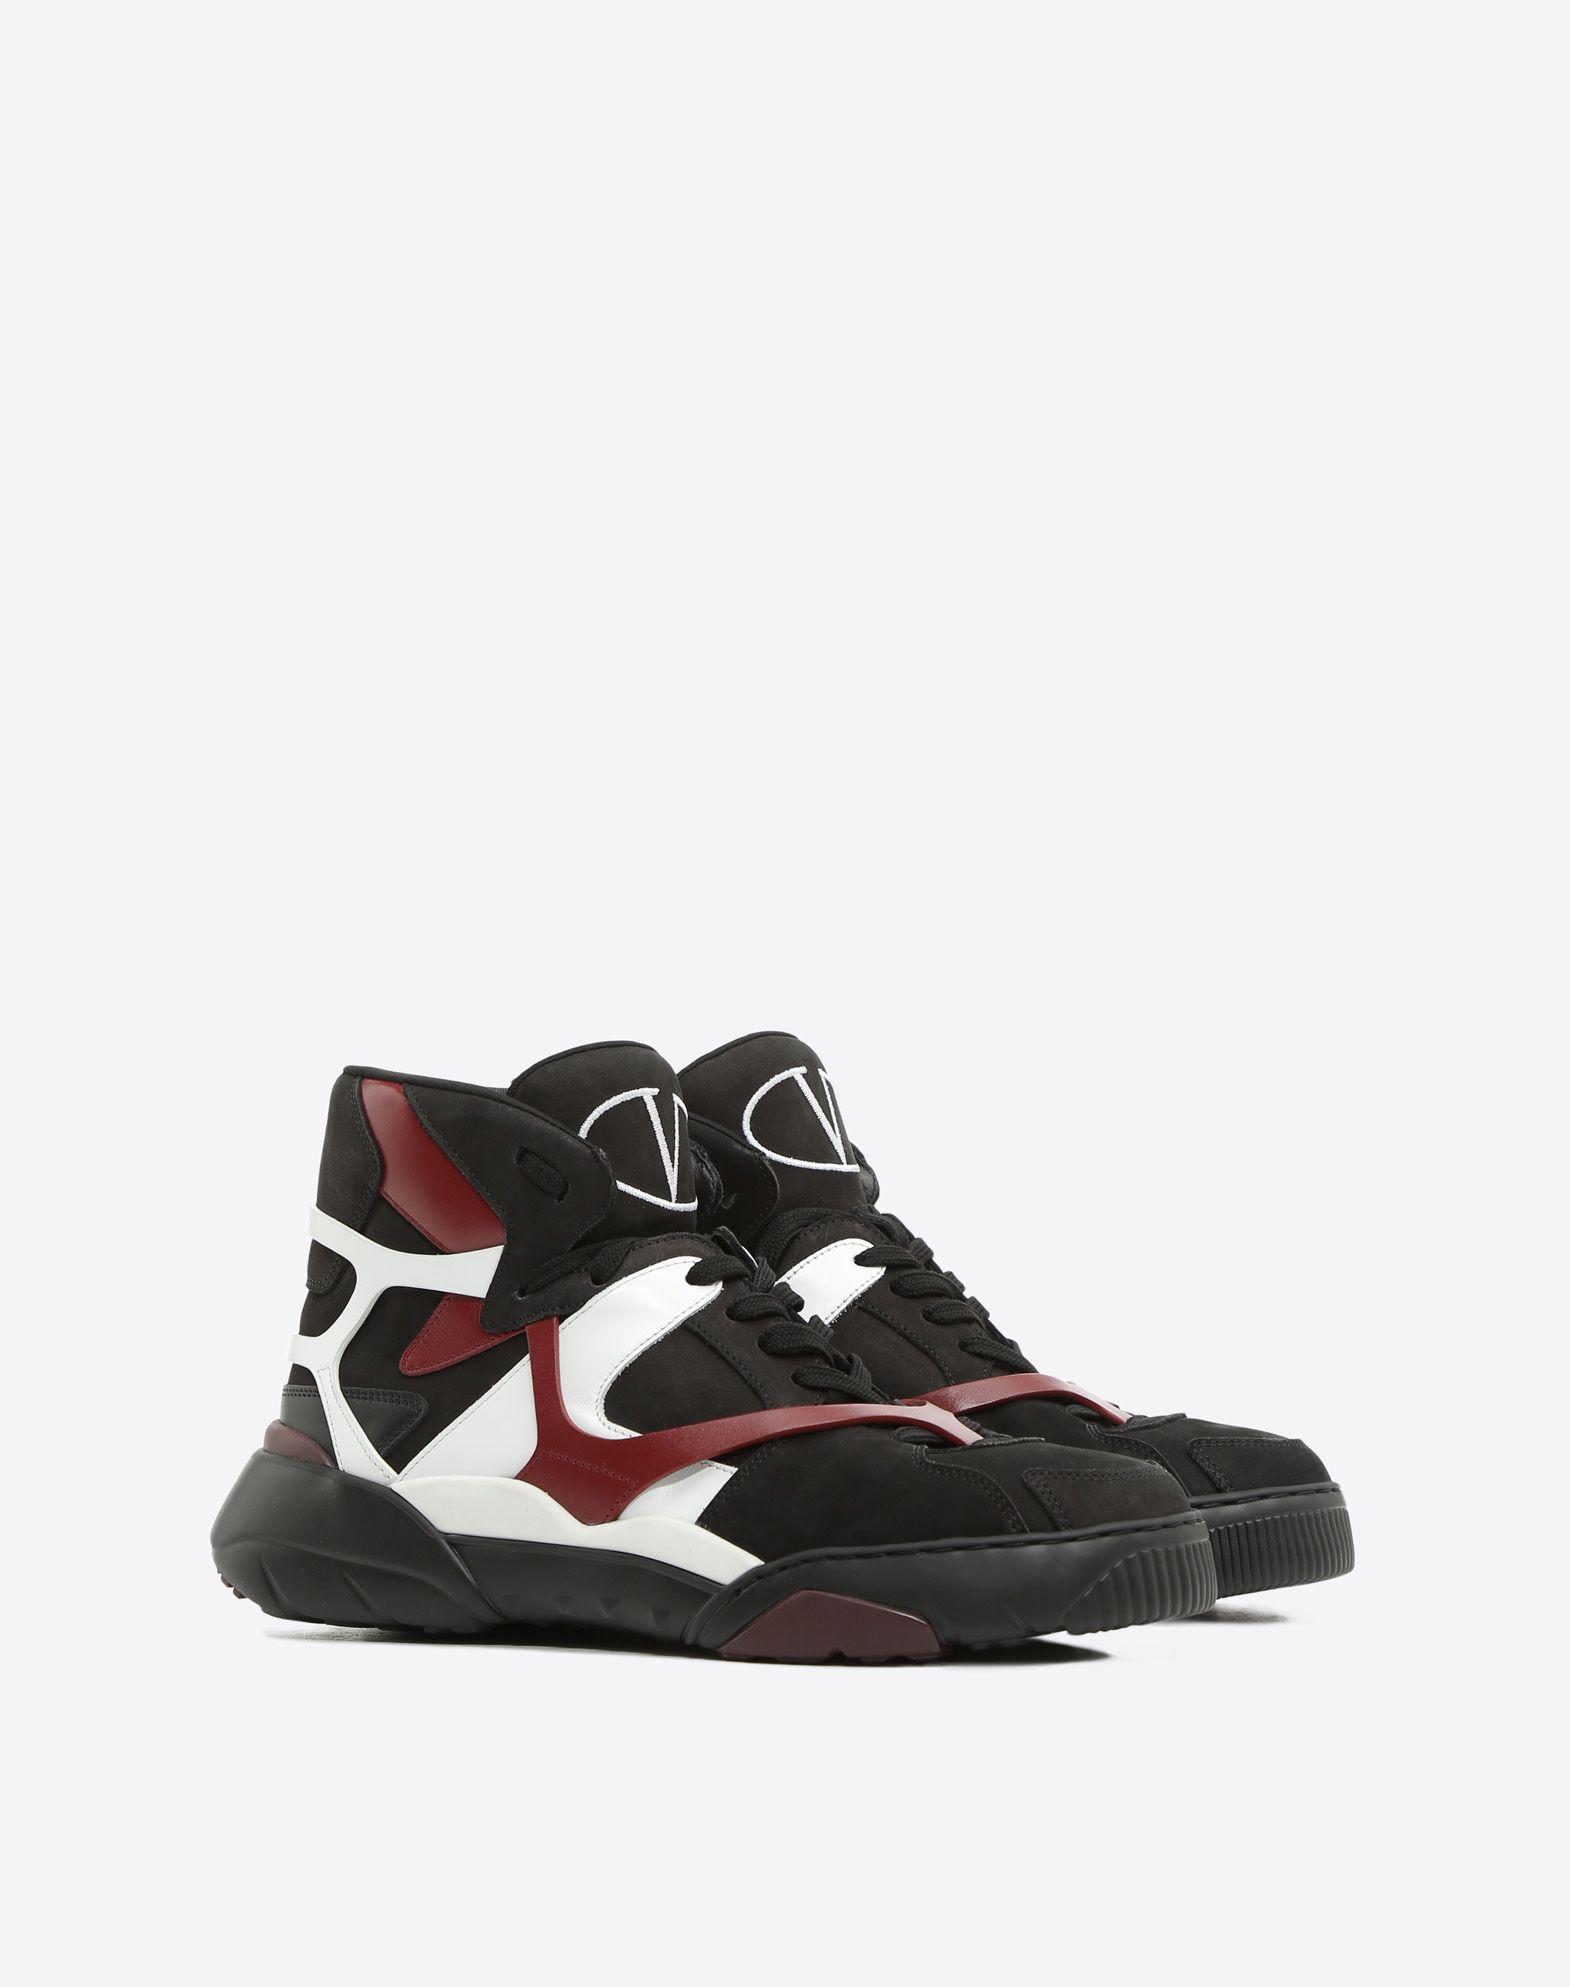 VALENTINO GARAVANI UOMO Made One 运动鞋 高帮运动鞋 U r